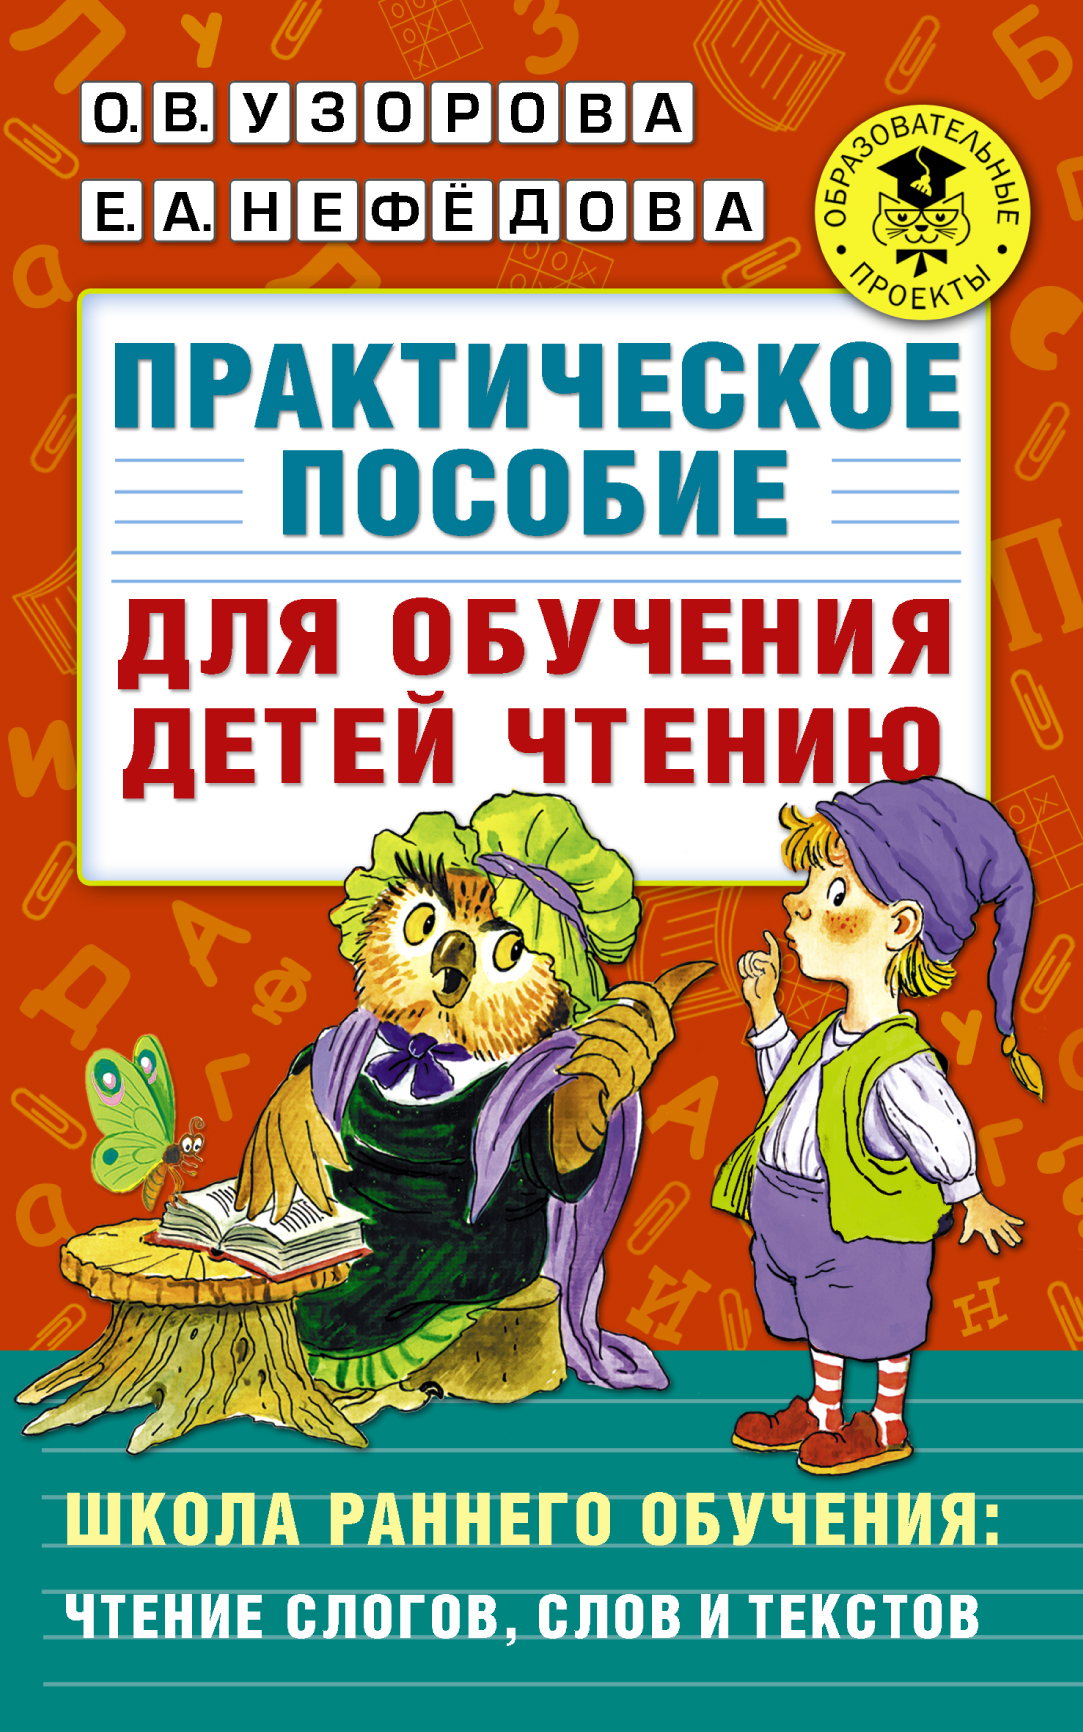 Практическое пособие для обучения детей чтению